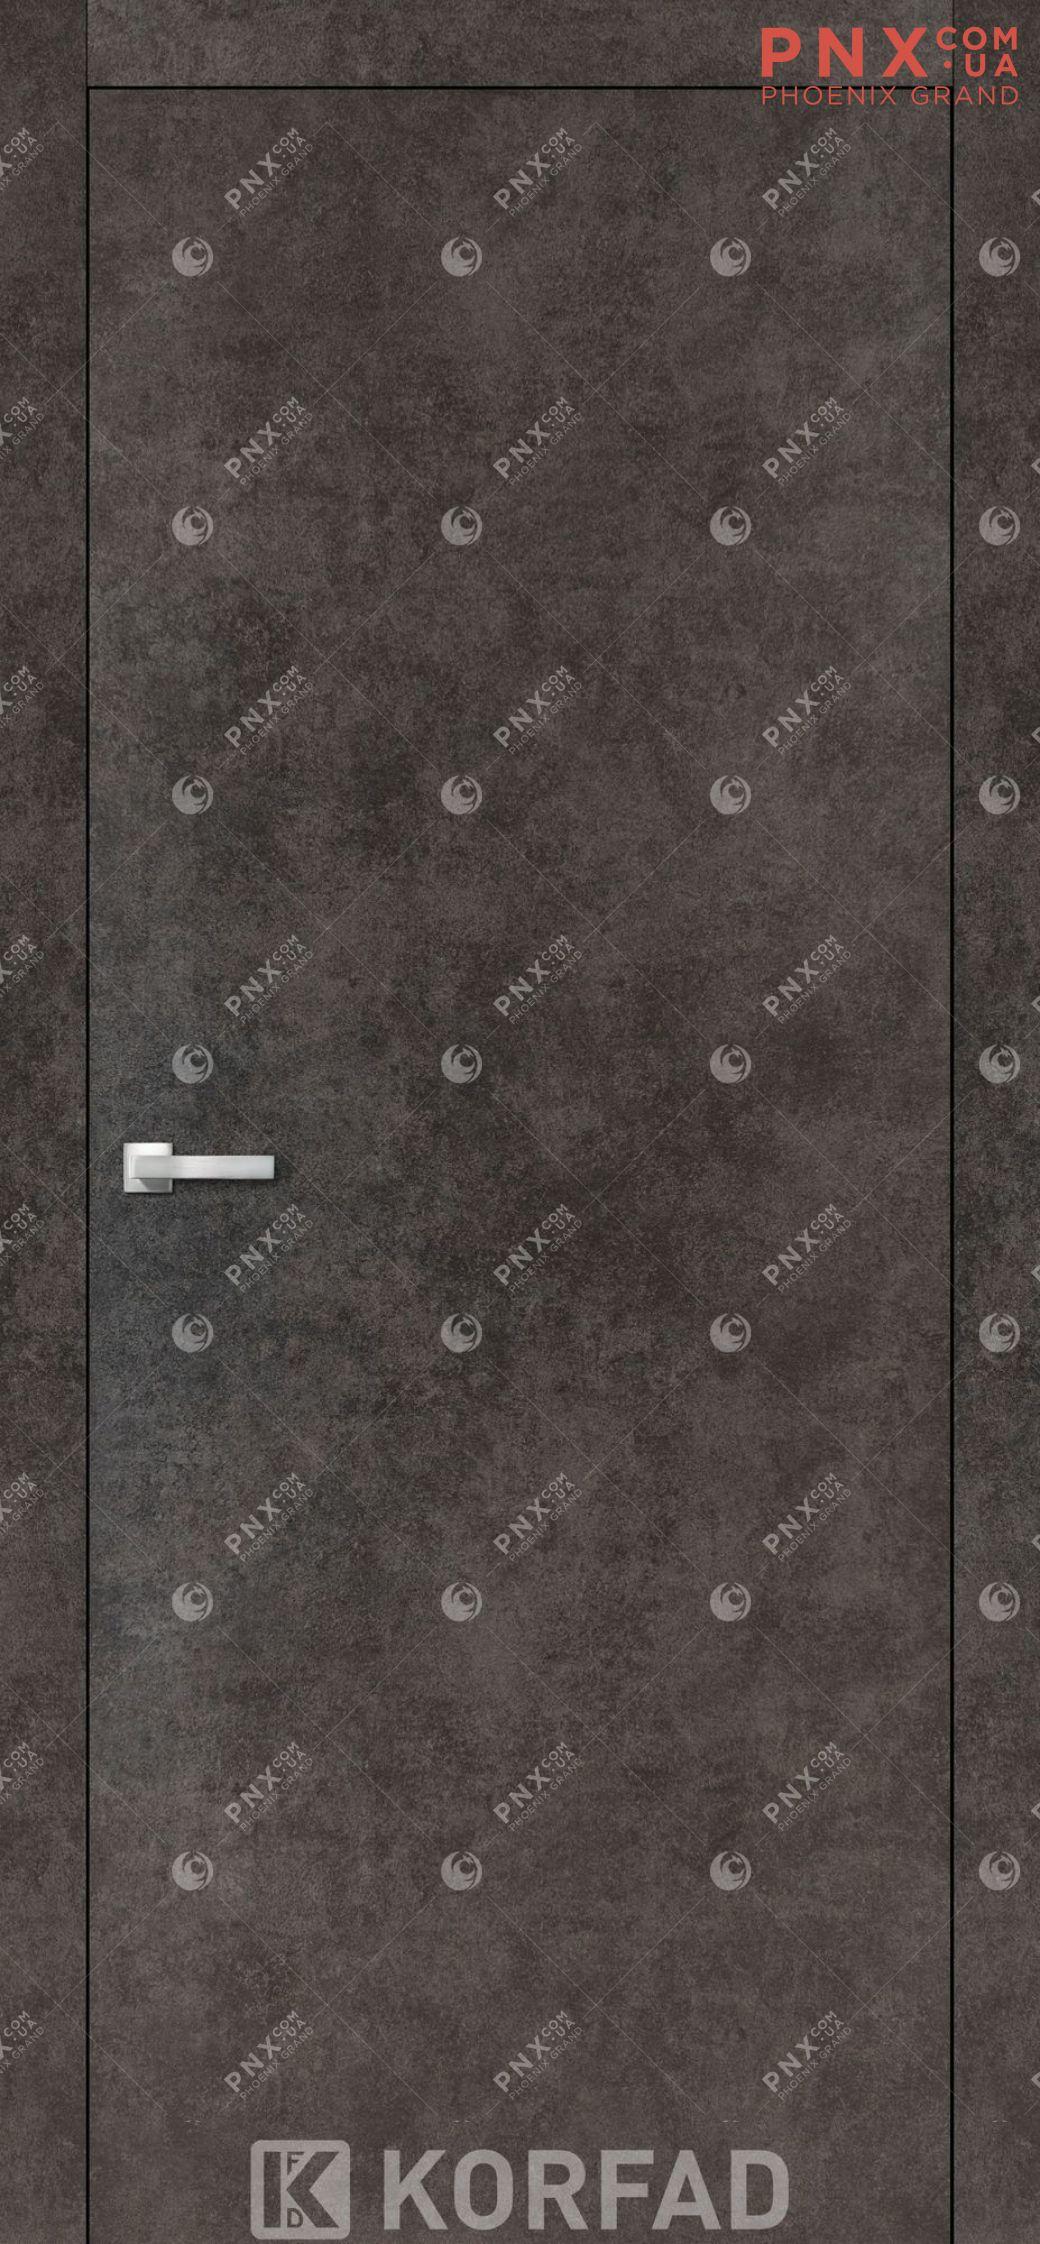 Міжкімнатні двері  Korfad LP-01 , лофт бетон, глухі+алюмінієвий торець